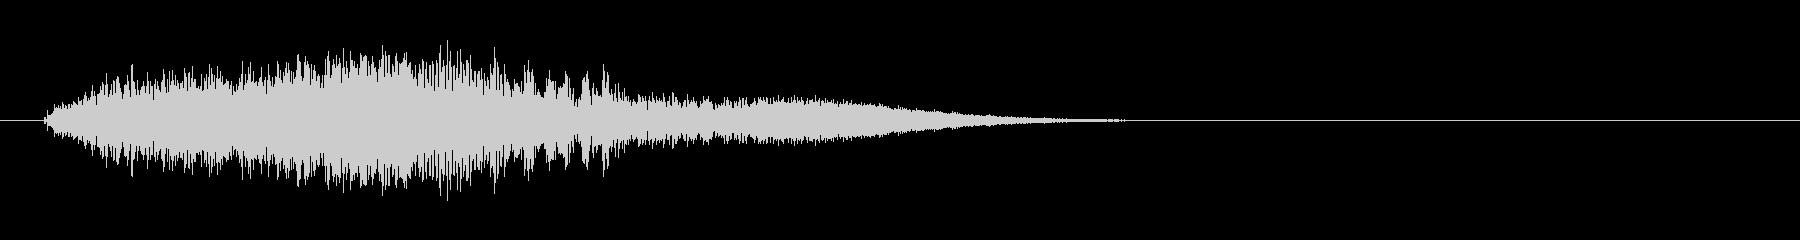 リバーブ付きロゴ高周波電子バズの未再生の波形